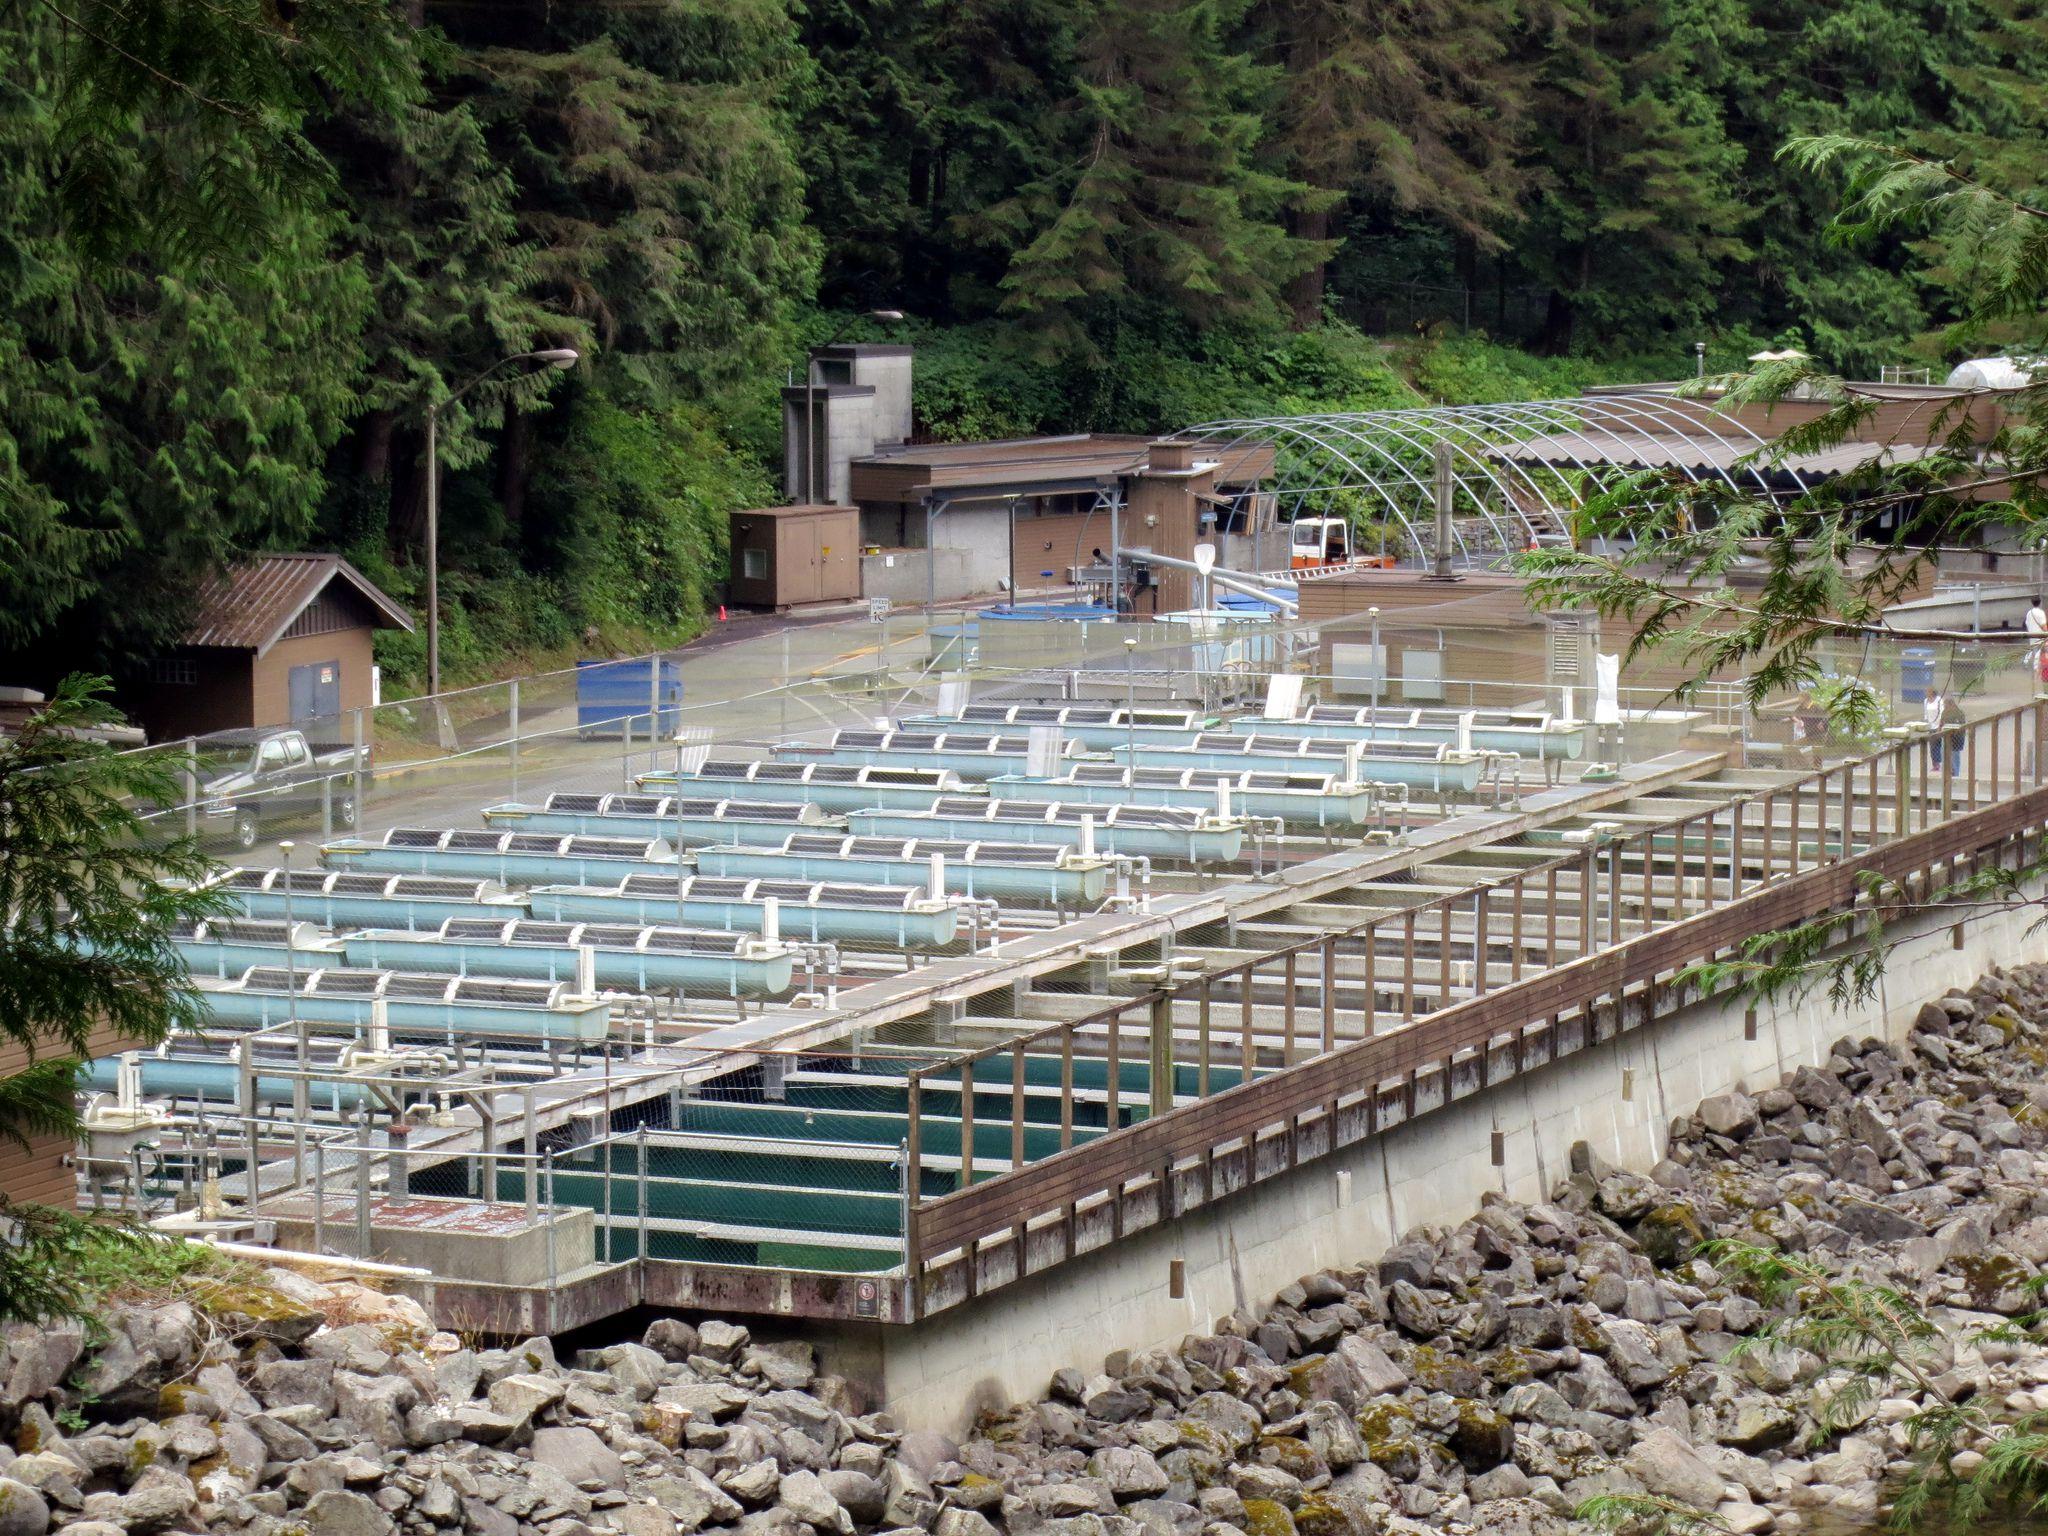 Capilano Salmon Hatchery